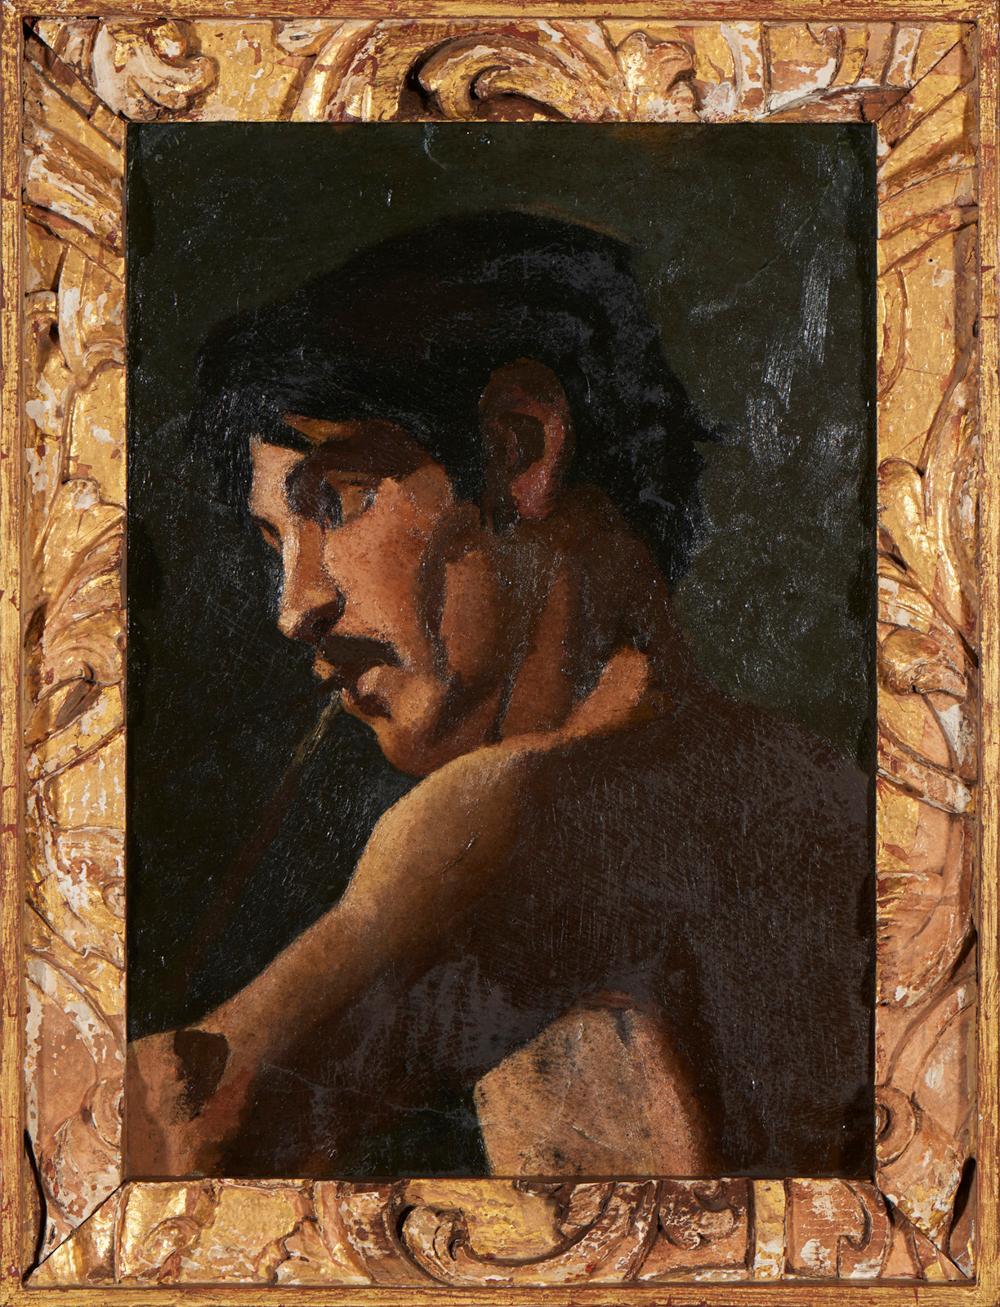 Autor não identifica, Óleo s/madeira, 47 x 33 cm.